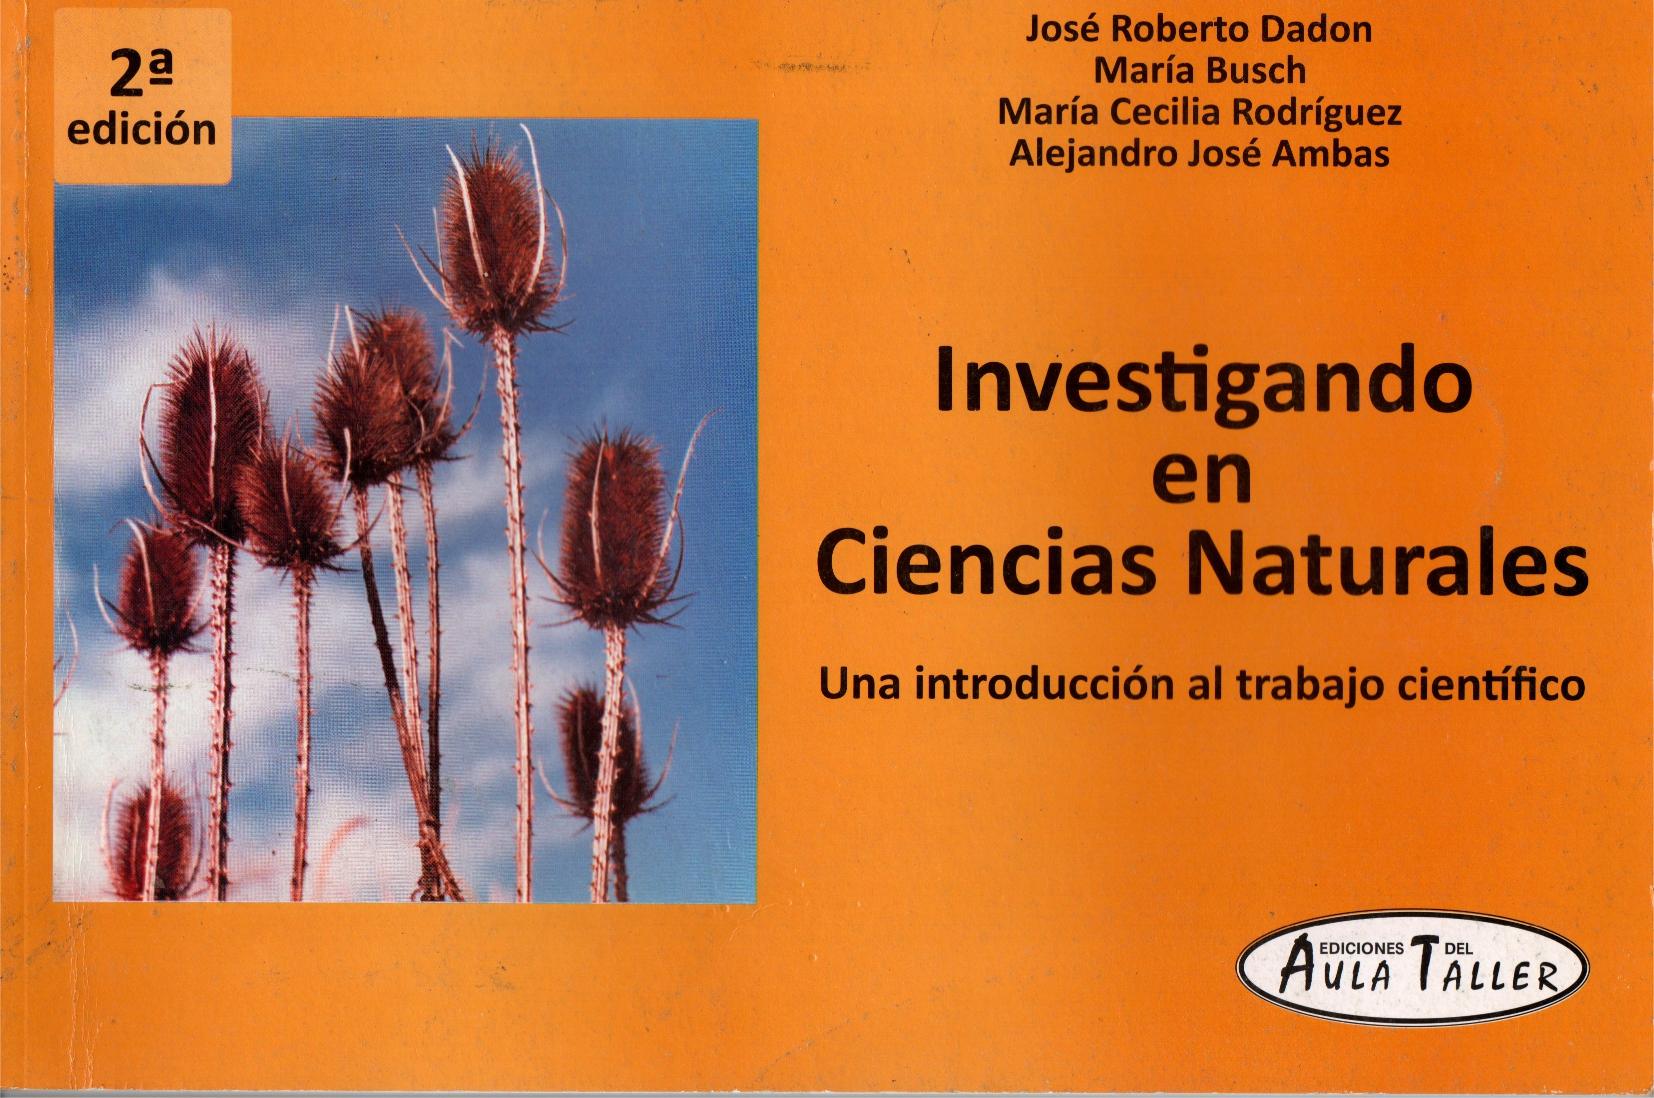 Investigando en Ciencias Naturales